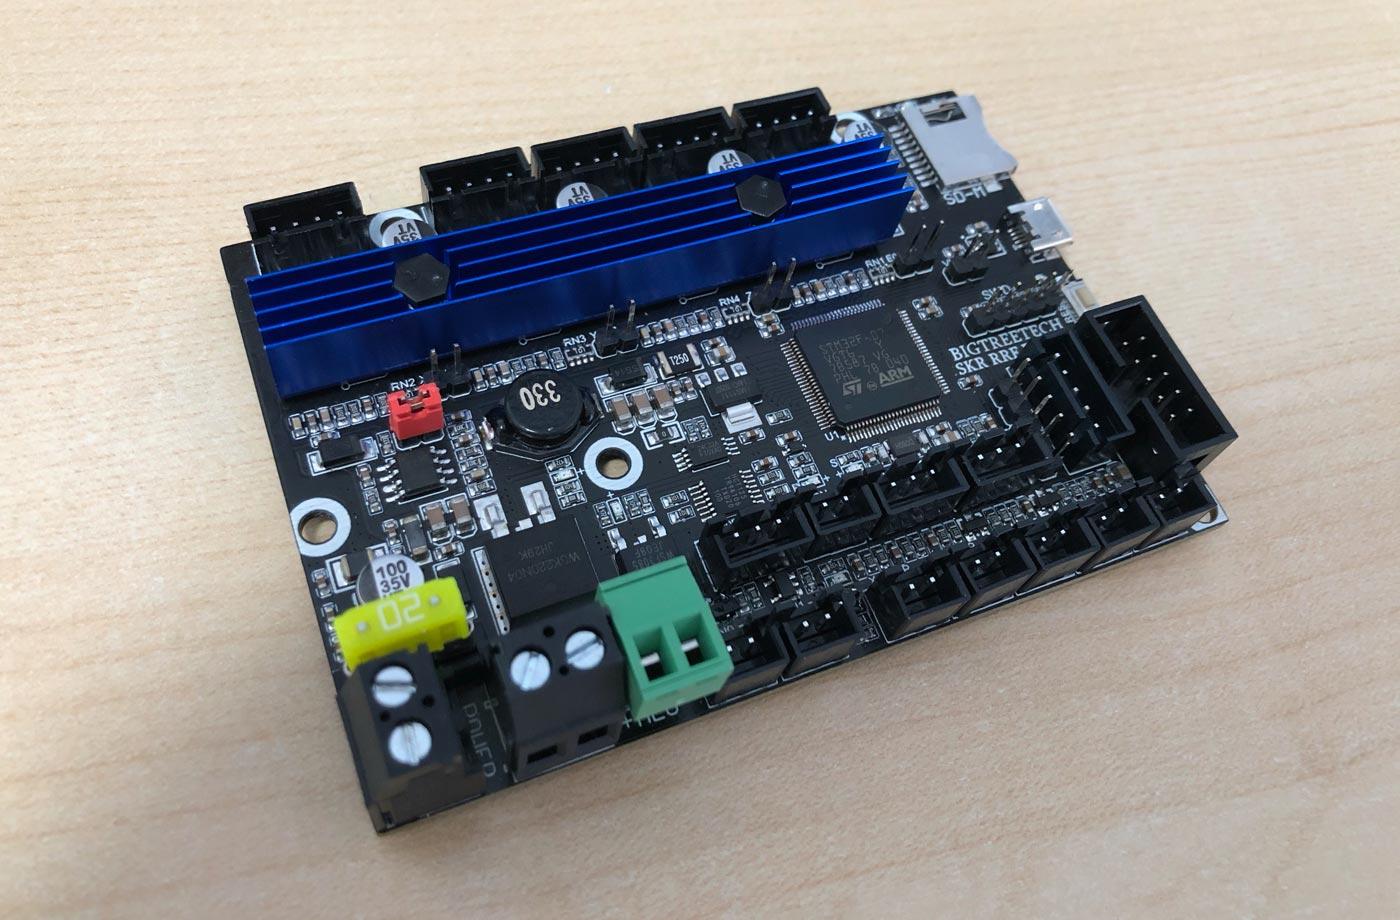 SKR RRF E3 V1.0 board